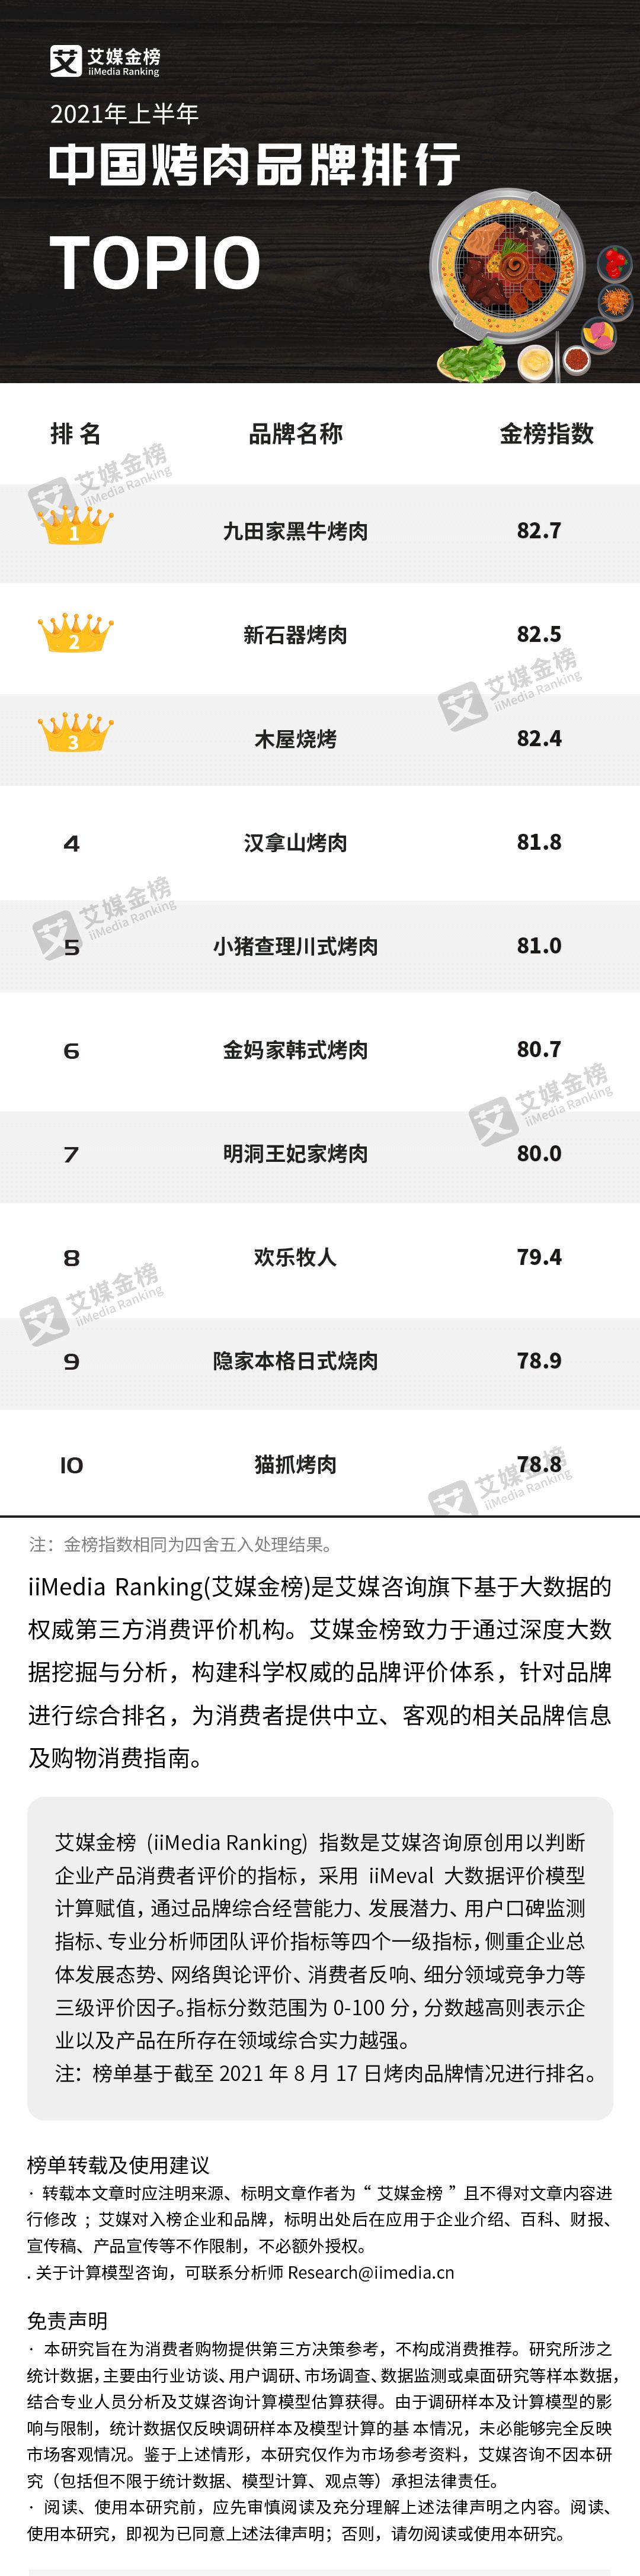 """烧烤品牌排行_""""2021中国餐饮品类十大品牌""""获奖名单揭晓,200个品牌上榜"""